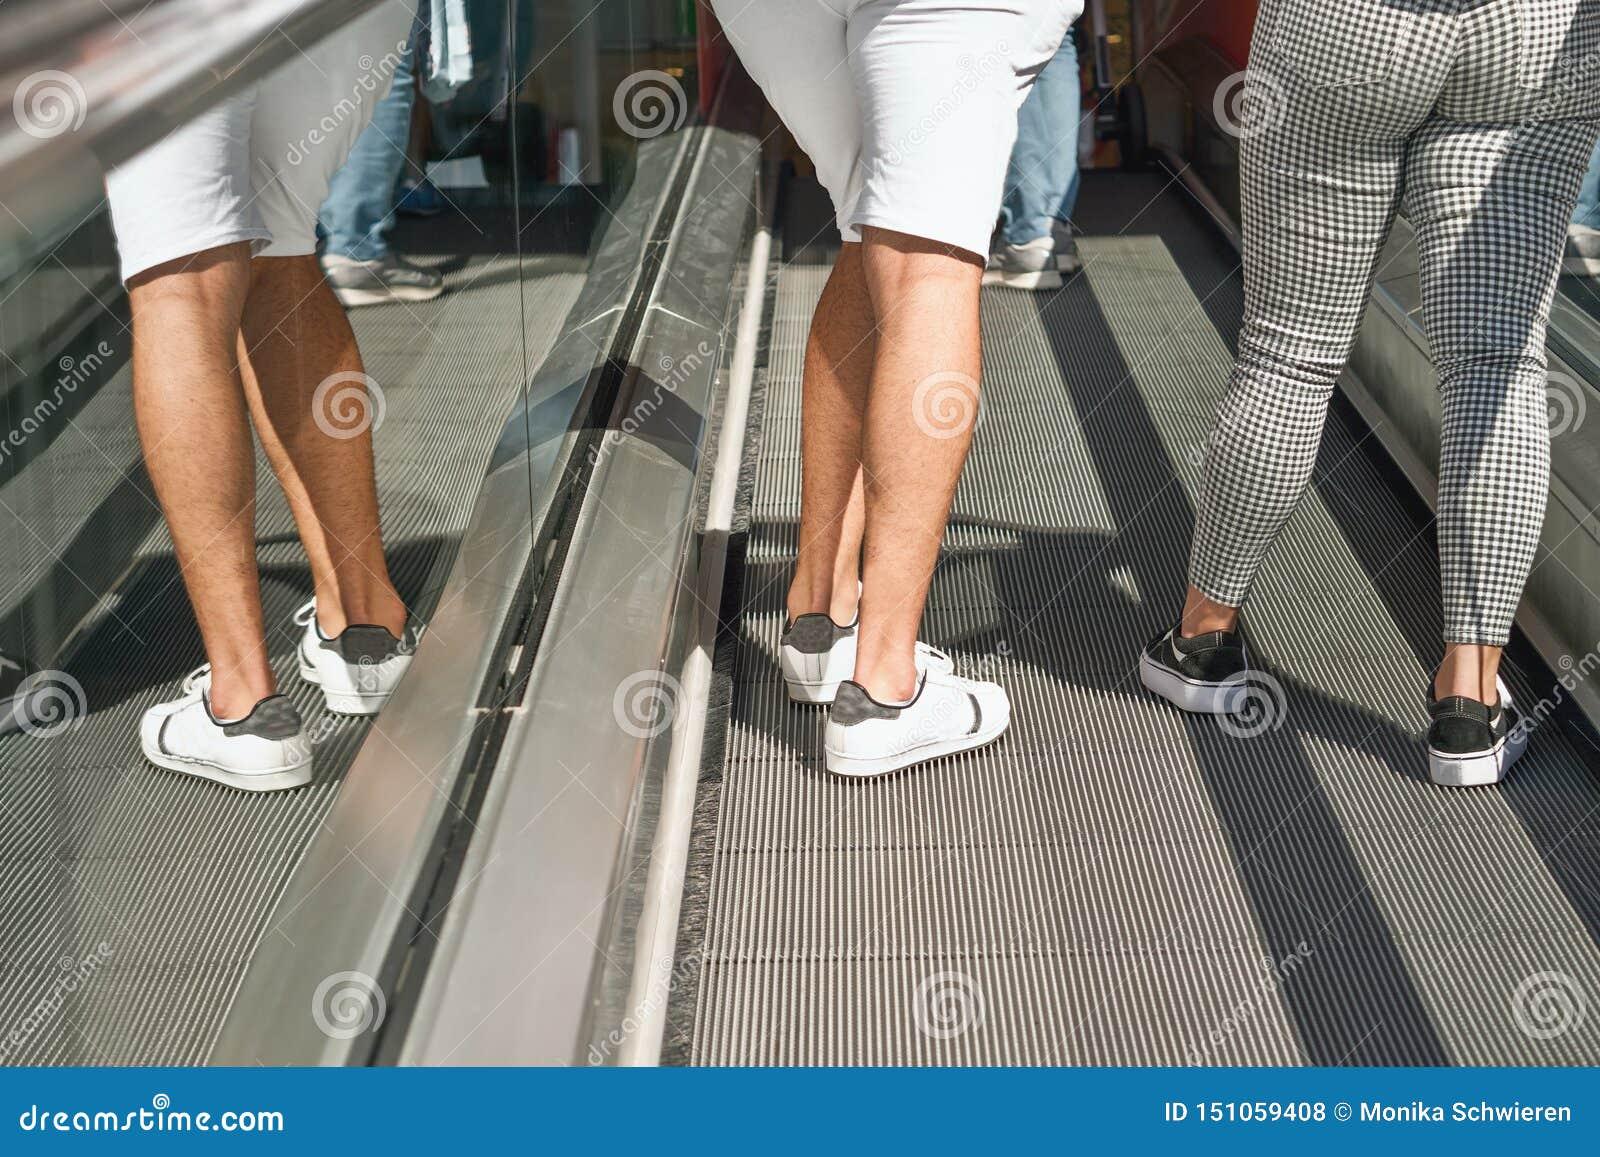 2 люд управляют вверх по эскалатору, только ноги видимы, левый человек отражены в стеклянной крышке